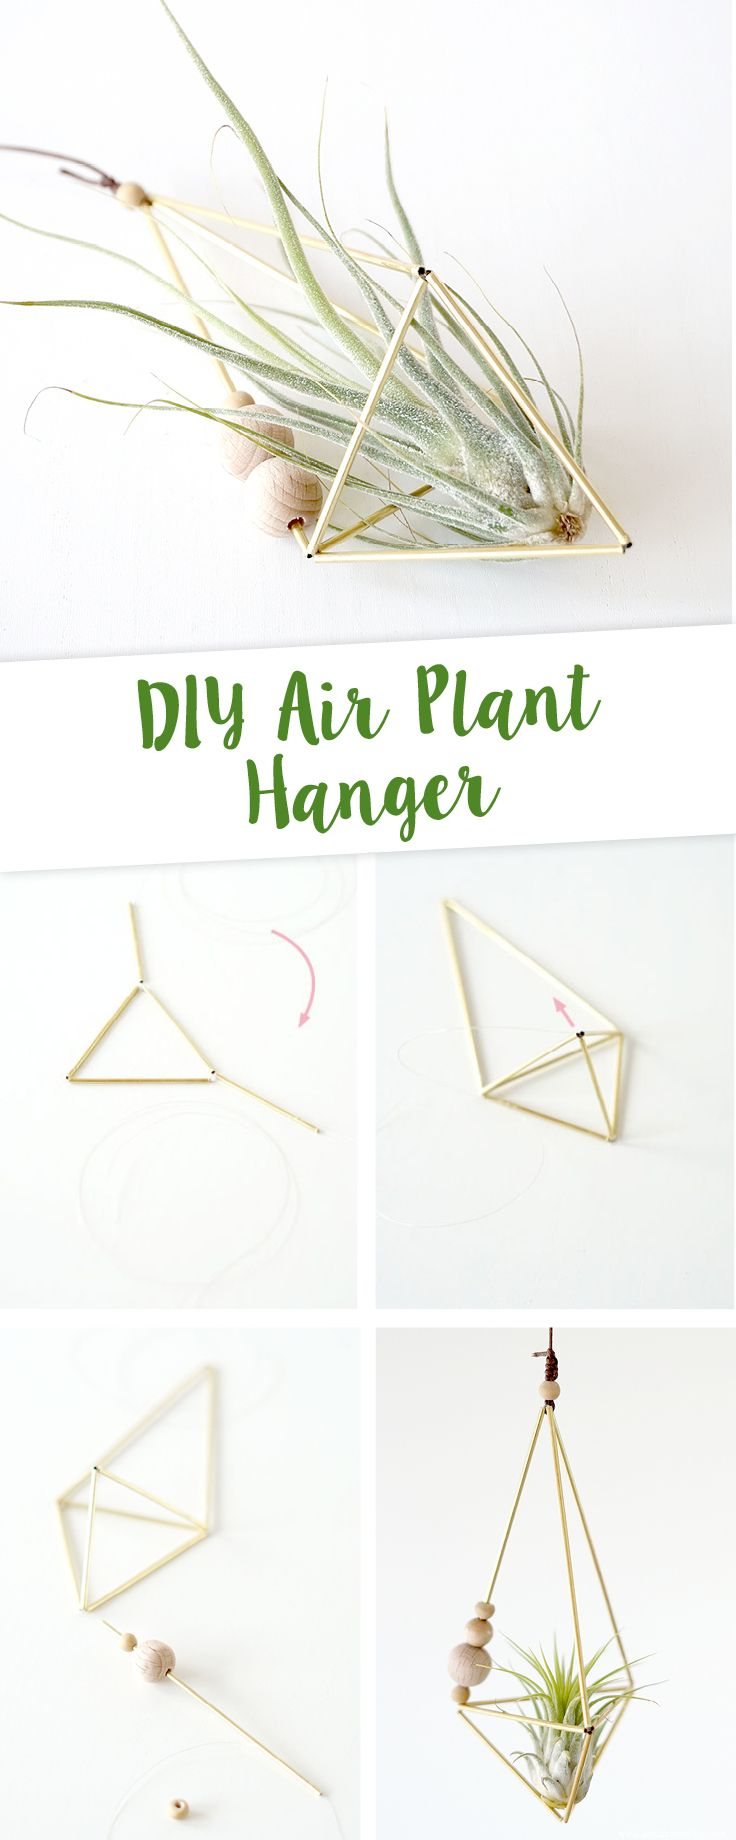 DIY Air Plant Hanger